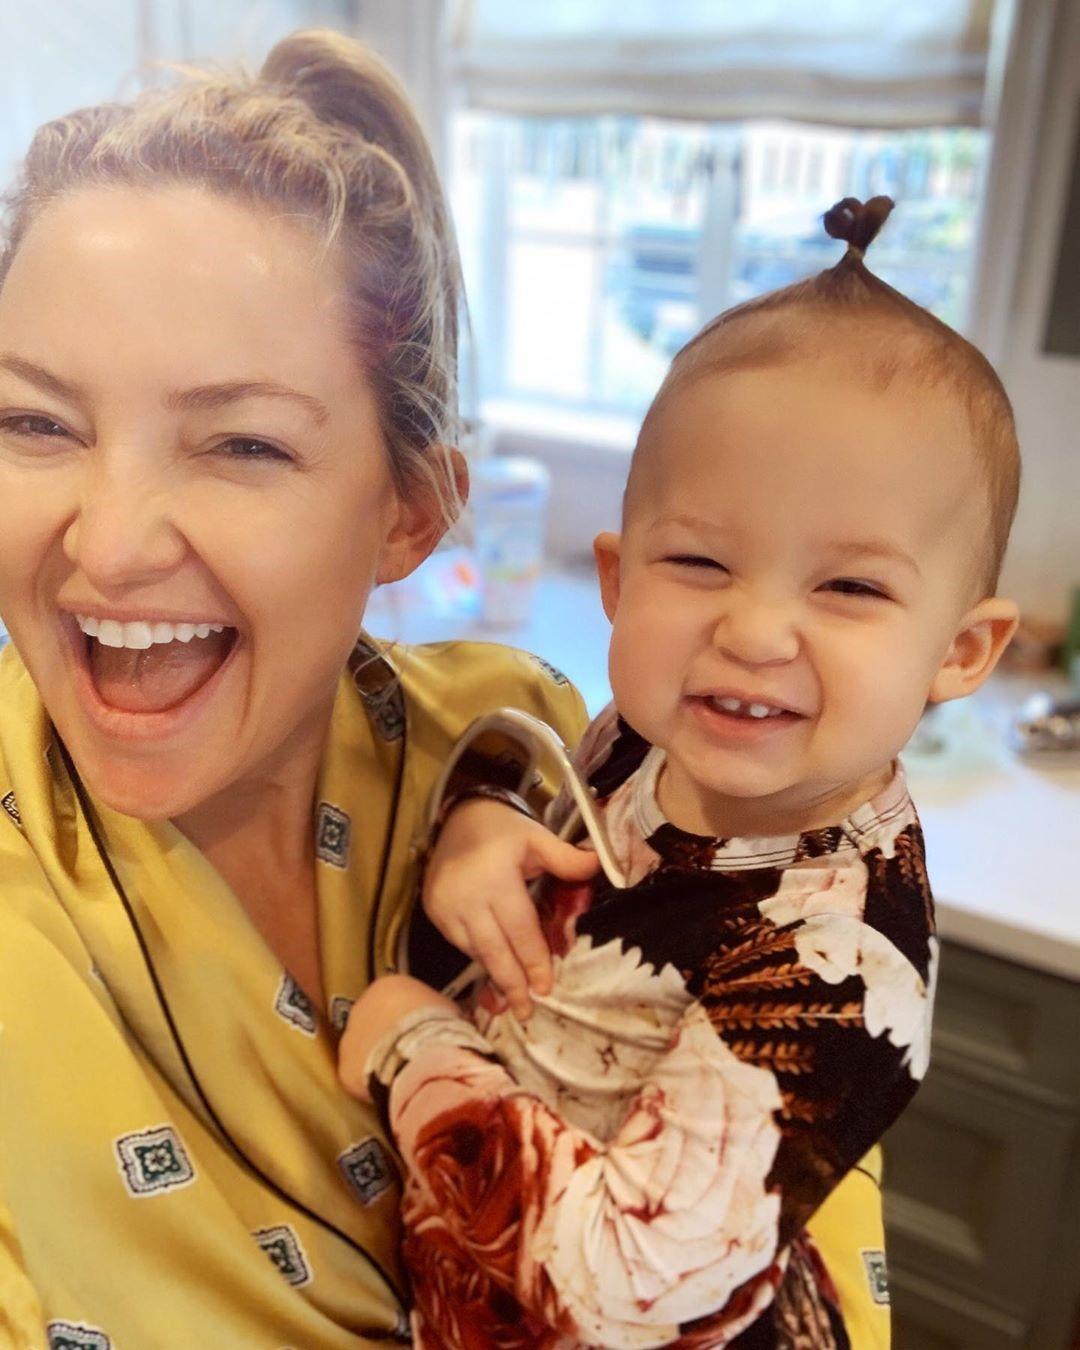 凱特哈德森前年3度當媽,常在社群網站分享女兒的萌照。(翻攝自凱特哈德森IG)